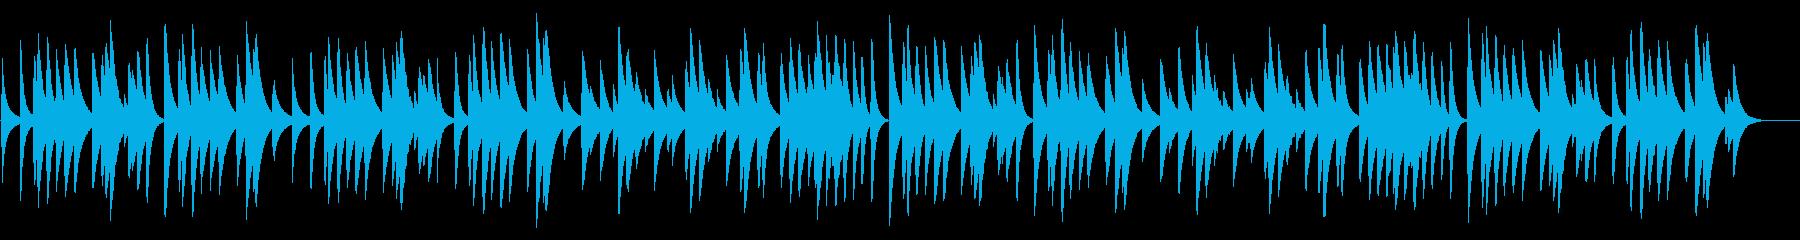 結婚行進曲 18弁オルゴール の再生済みの波形